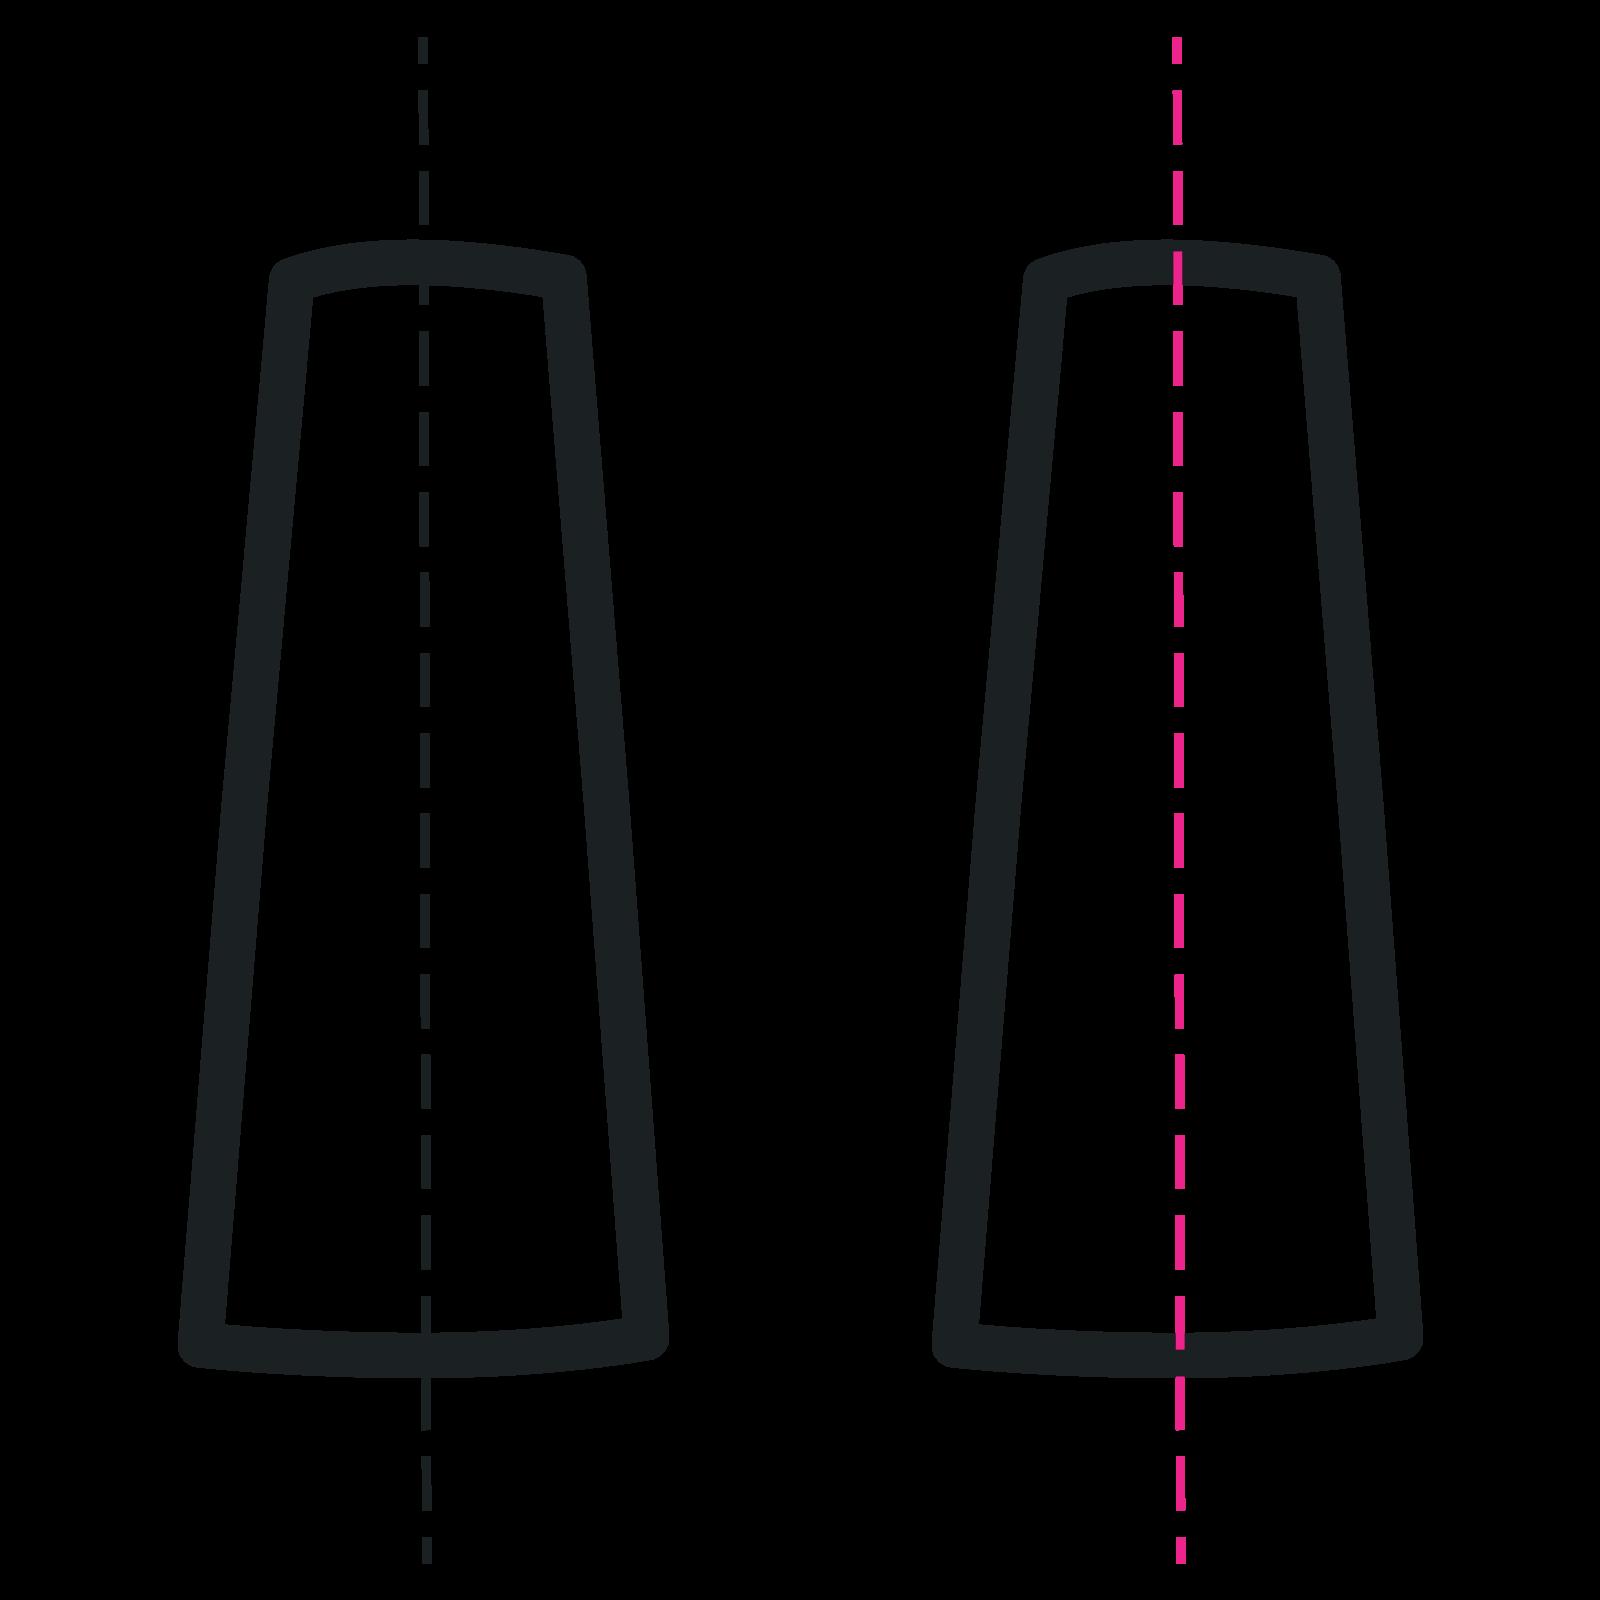 Controllo perpendicolarità in rondini per iniezioni in flebo